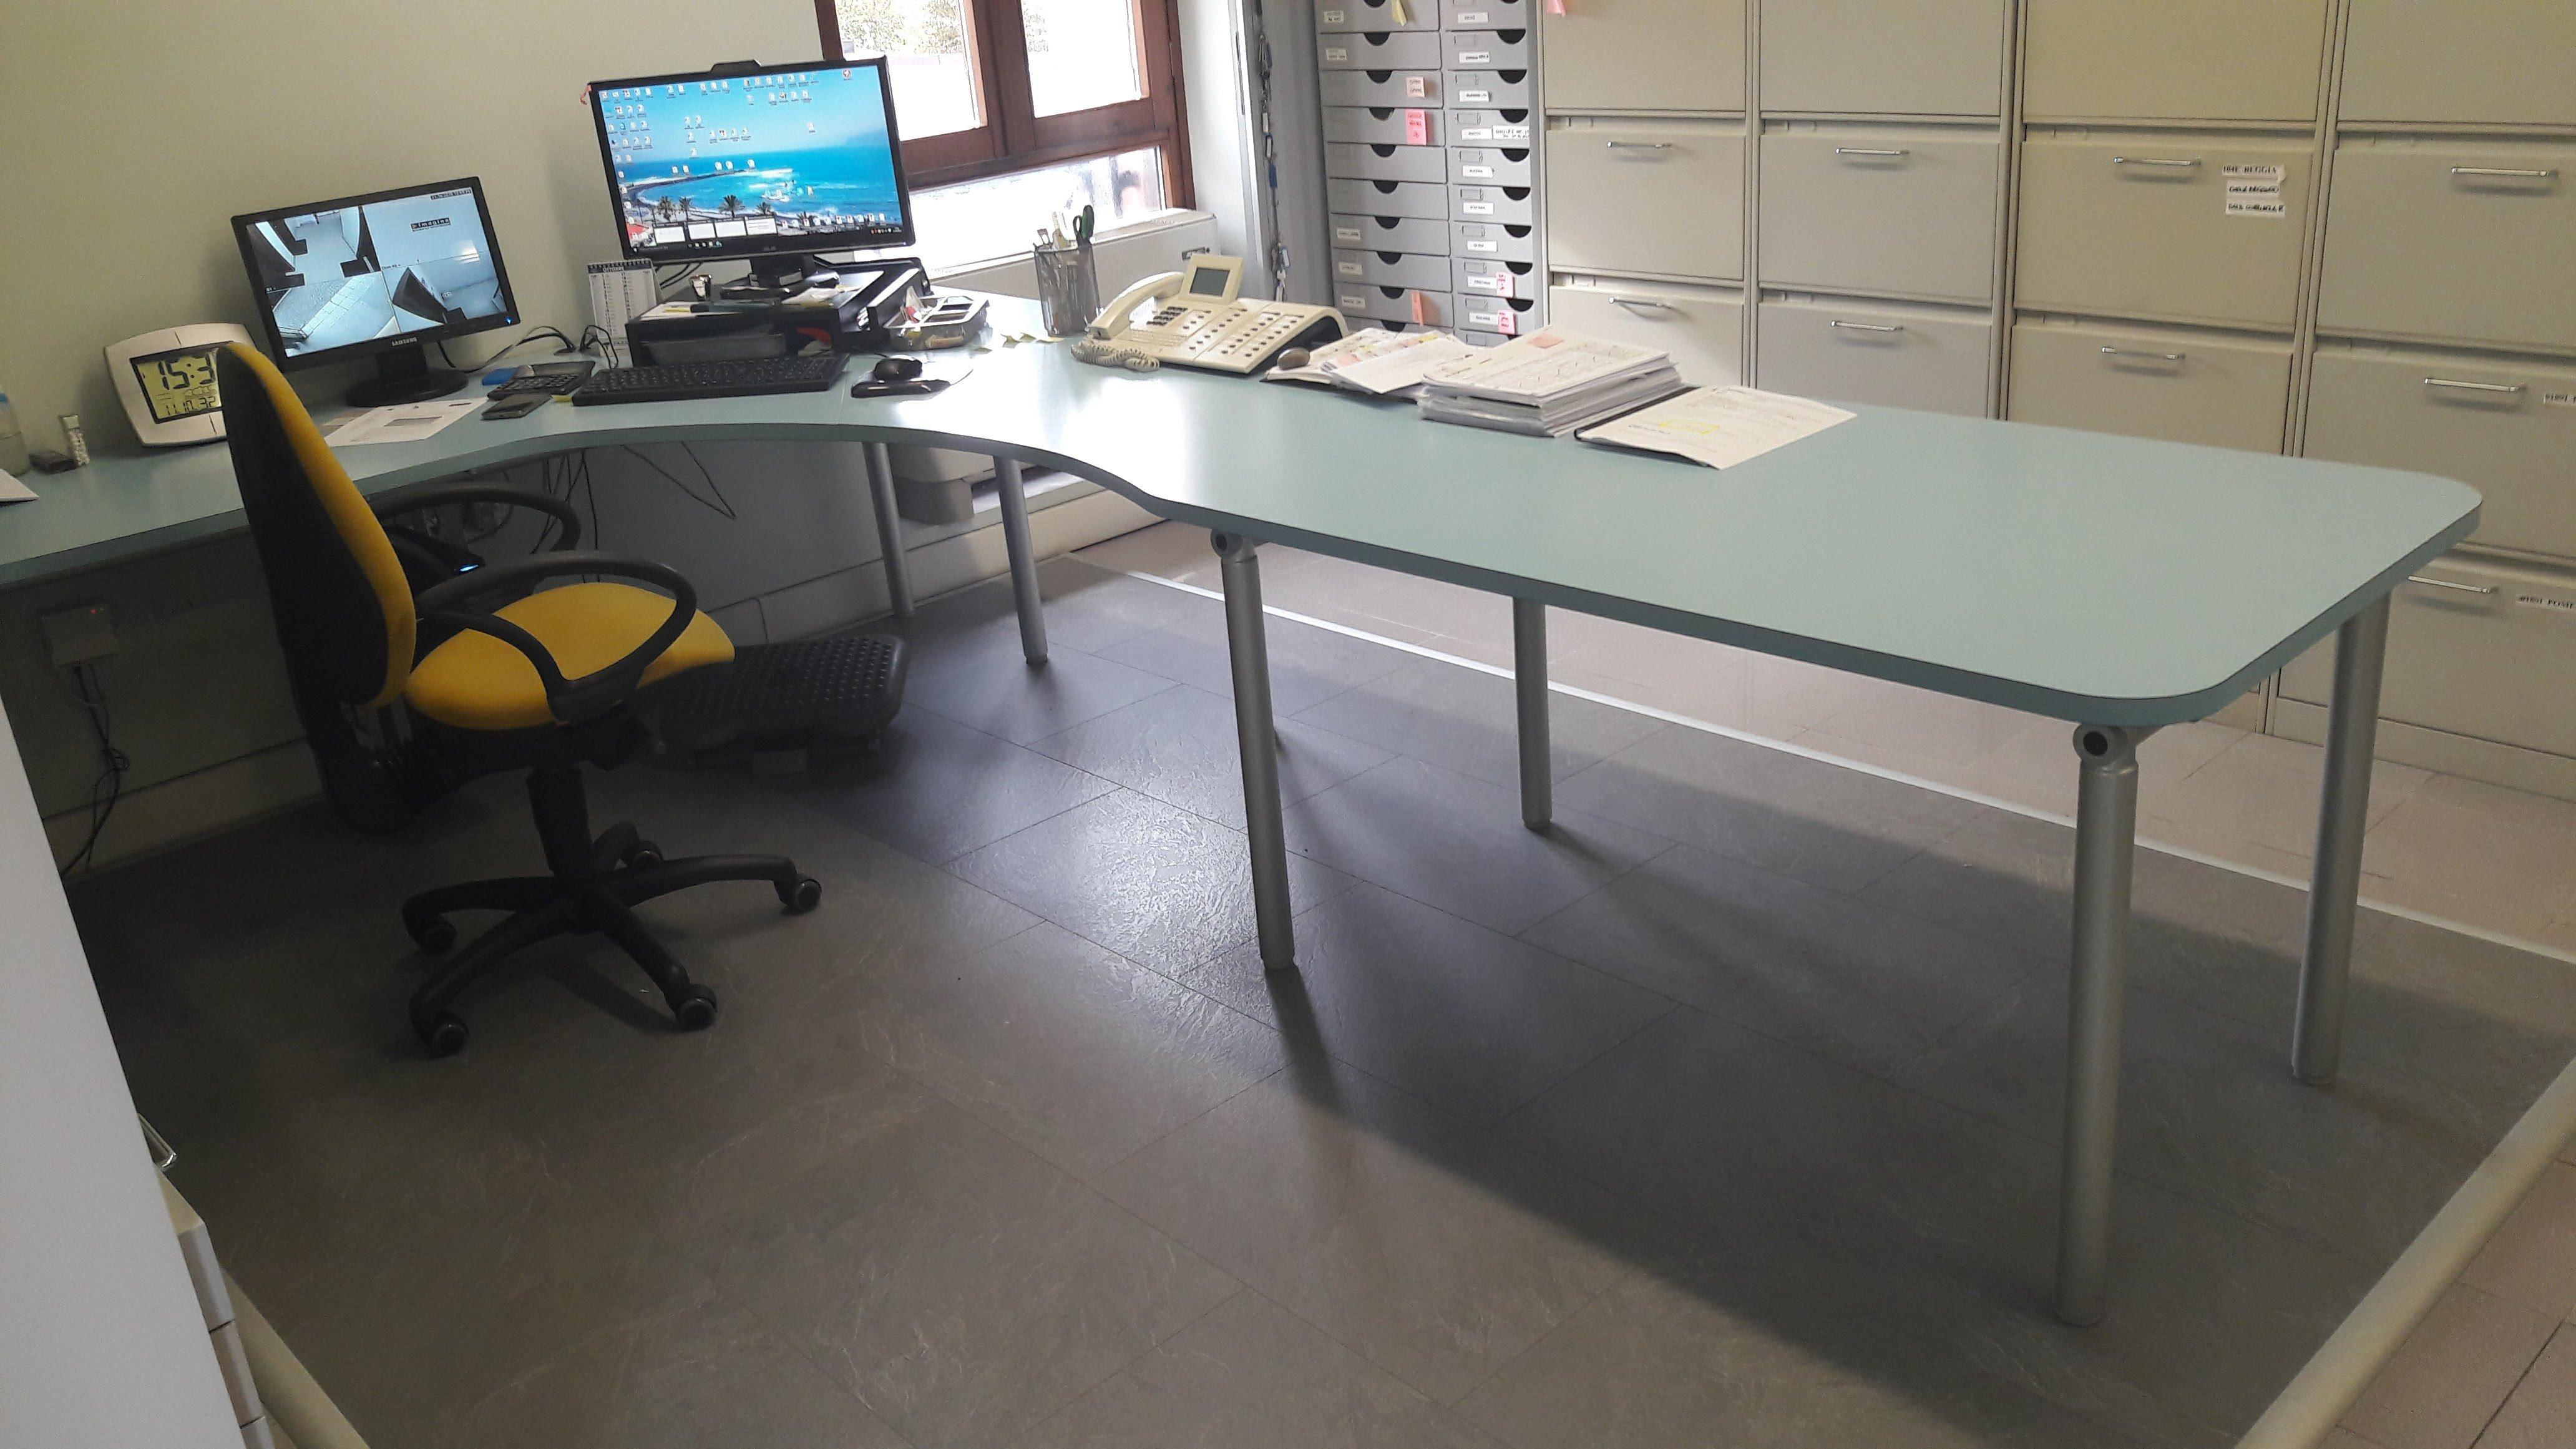 Ufficio Per Brevetti : Ufficio brevetti verona images cavalletto mobili per l